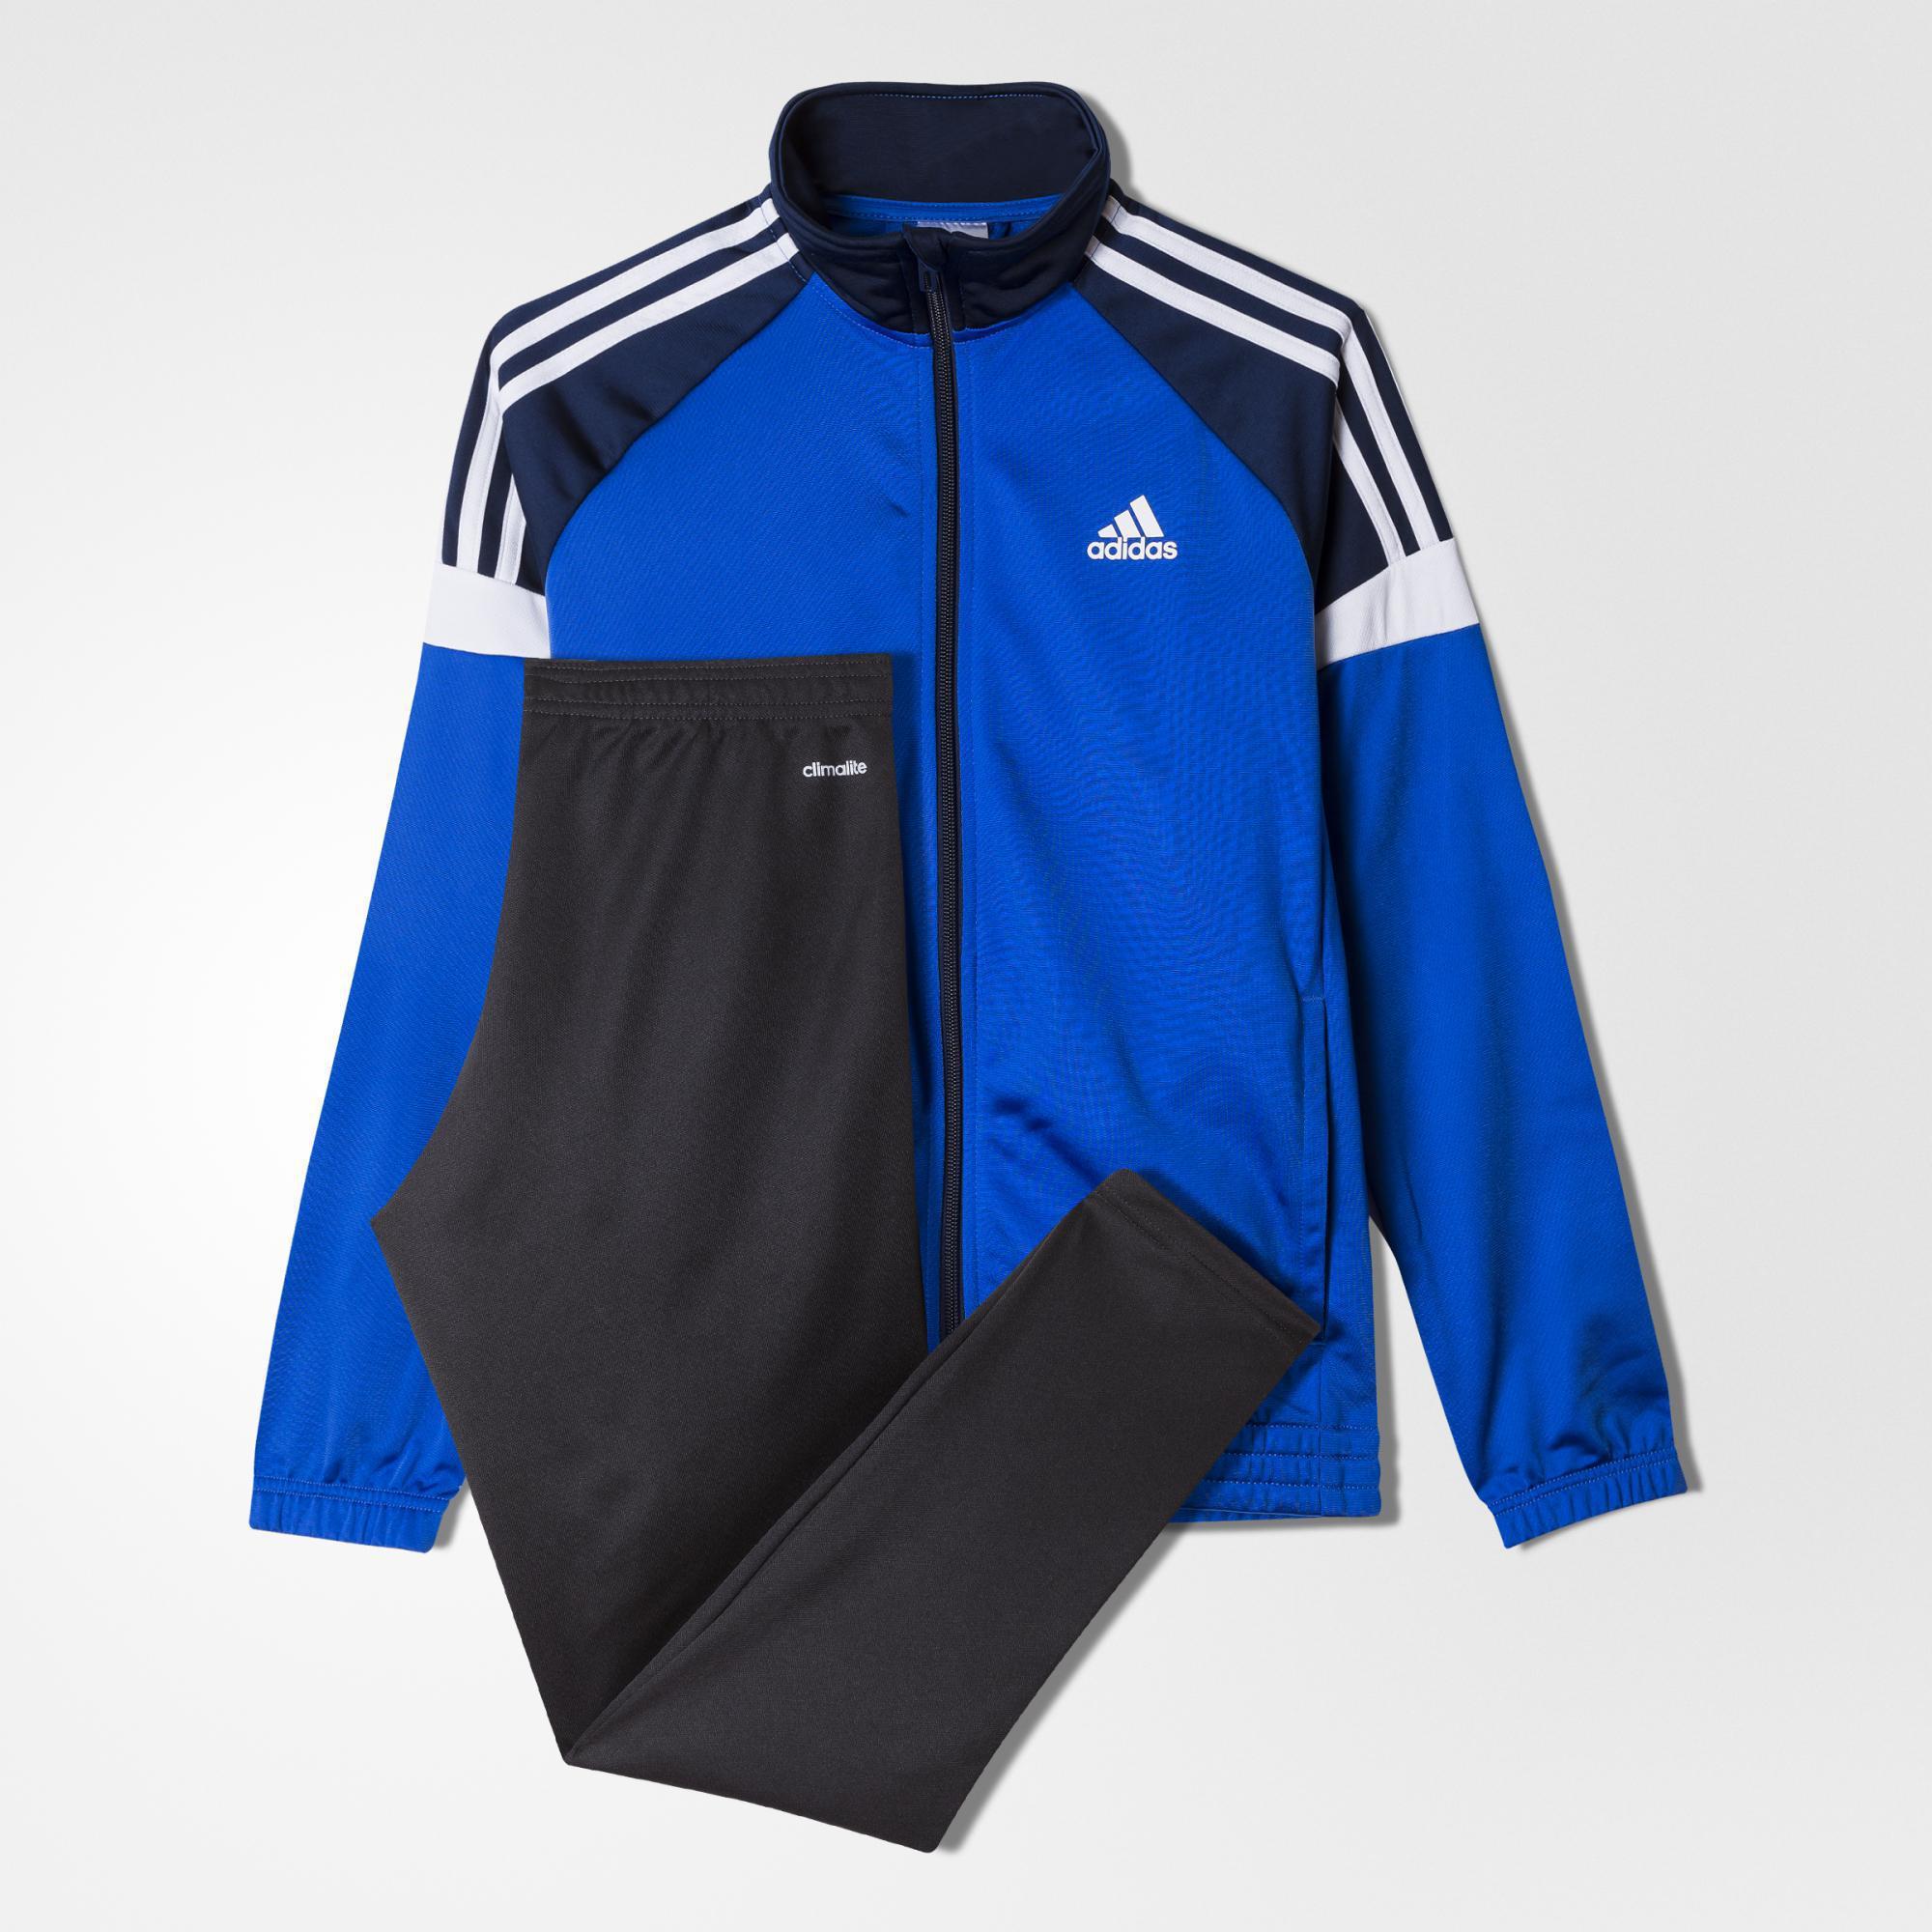 da06a41607a2 Adidas Boys Tiberio Tracksuit - Blue Navy - Tennisnuts.com